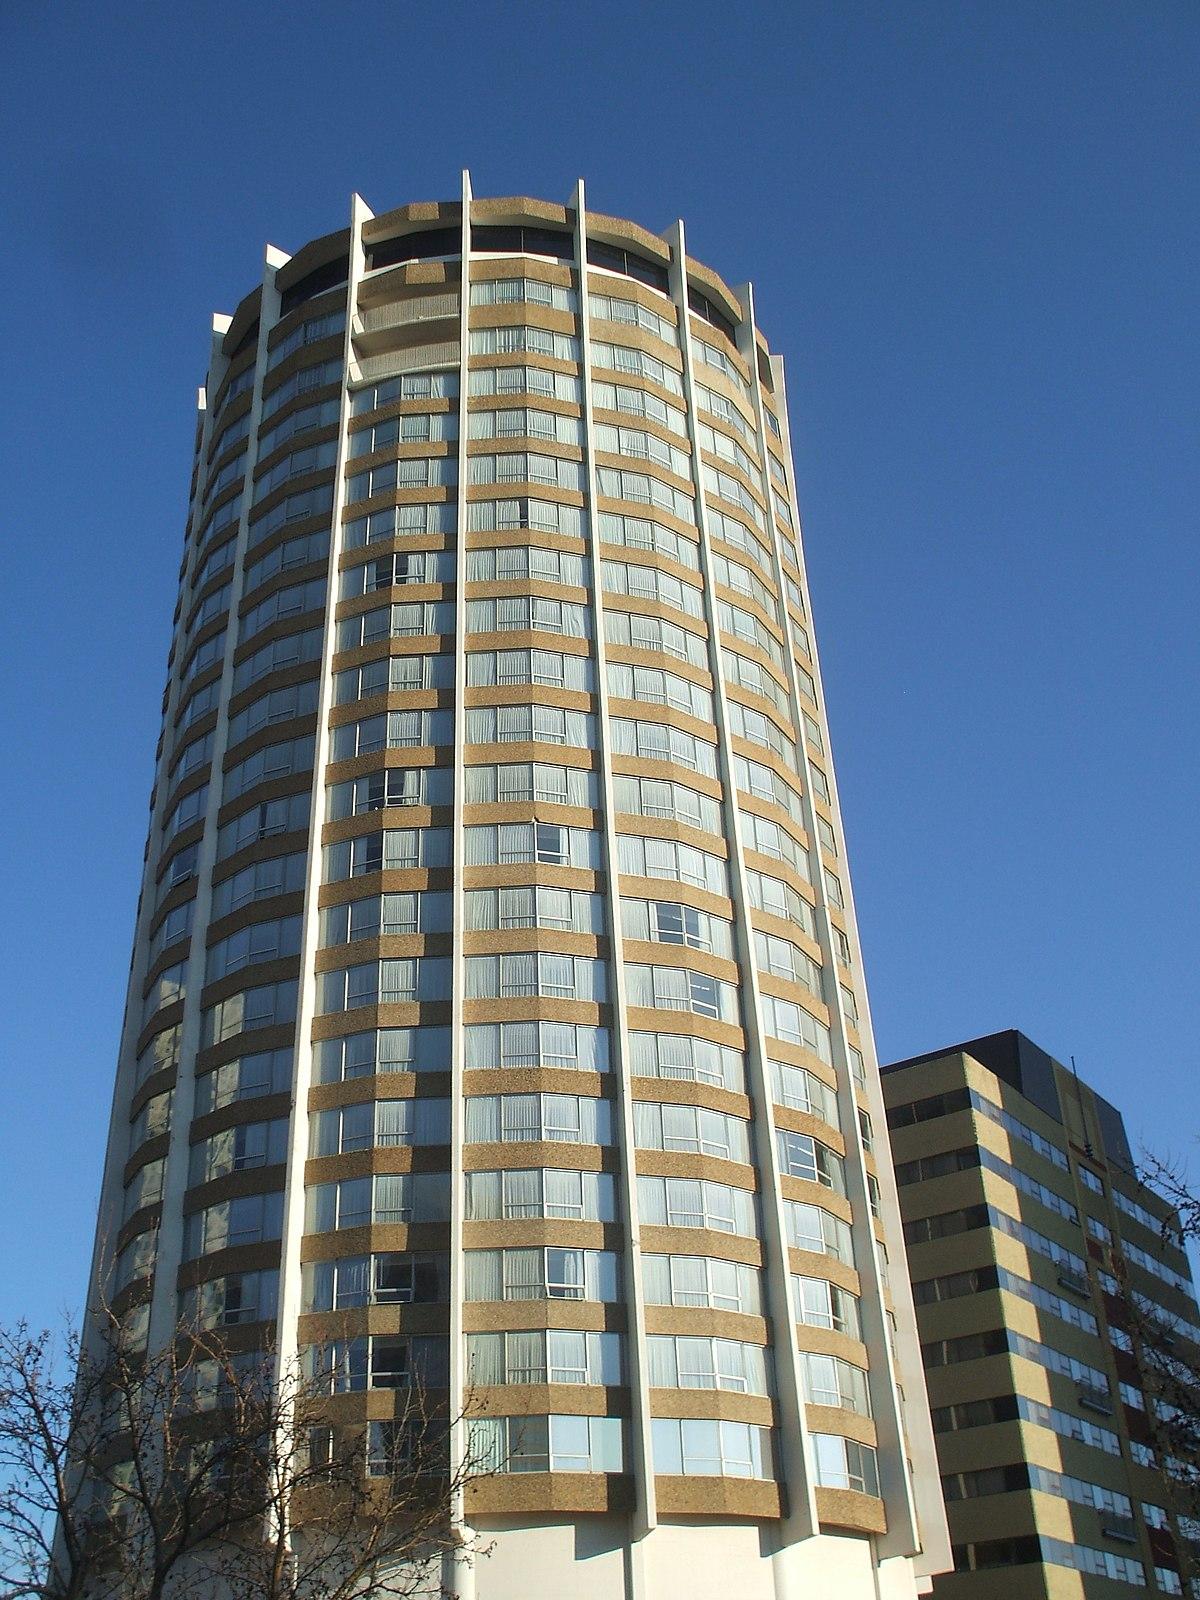 Edmonton: Chateau Lacombe Hotel